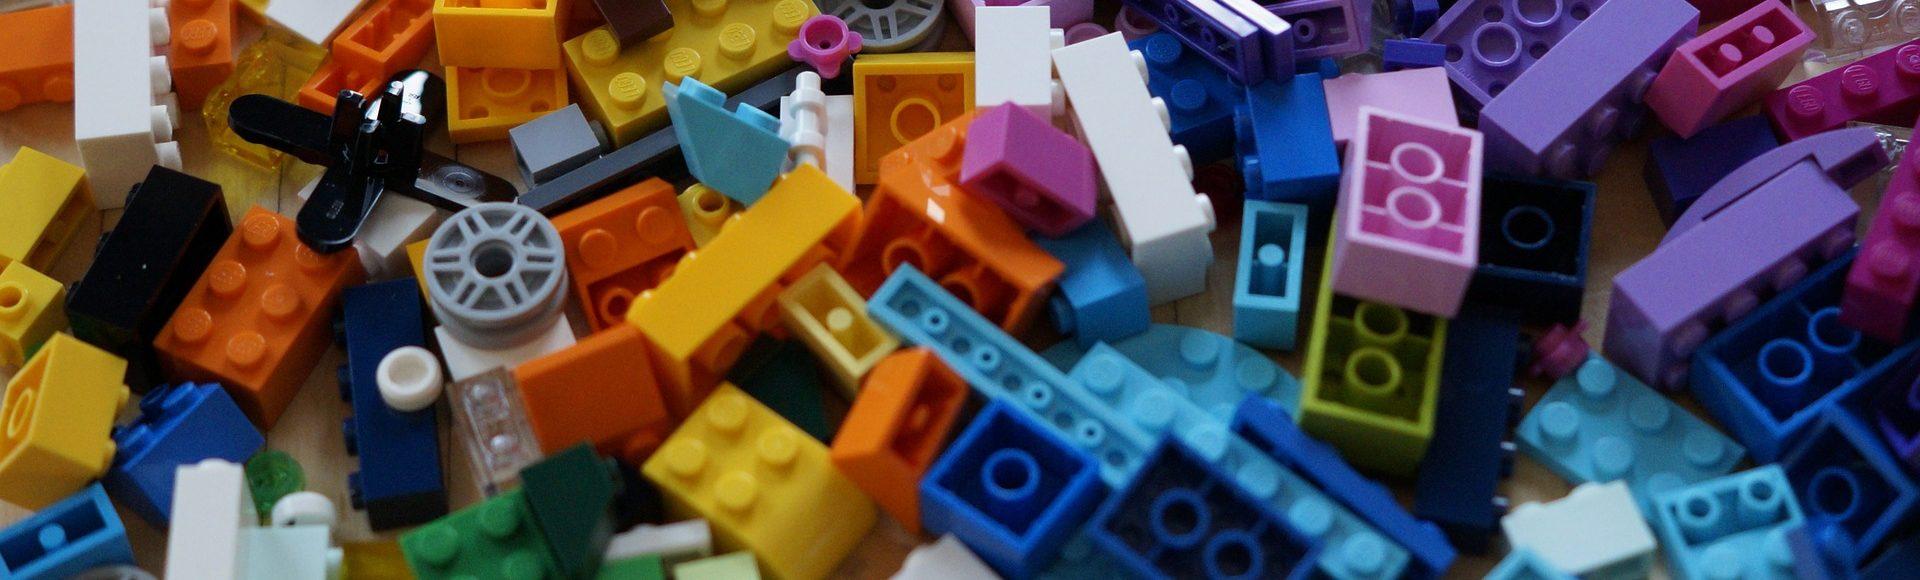 Lego-Bautage 2018